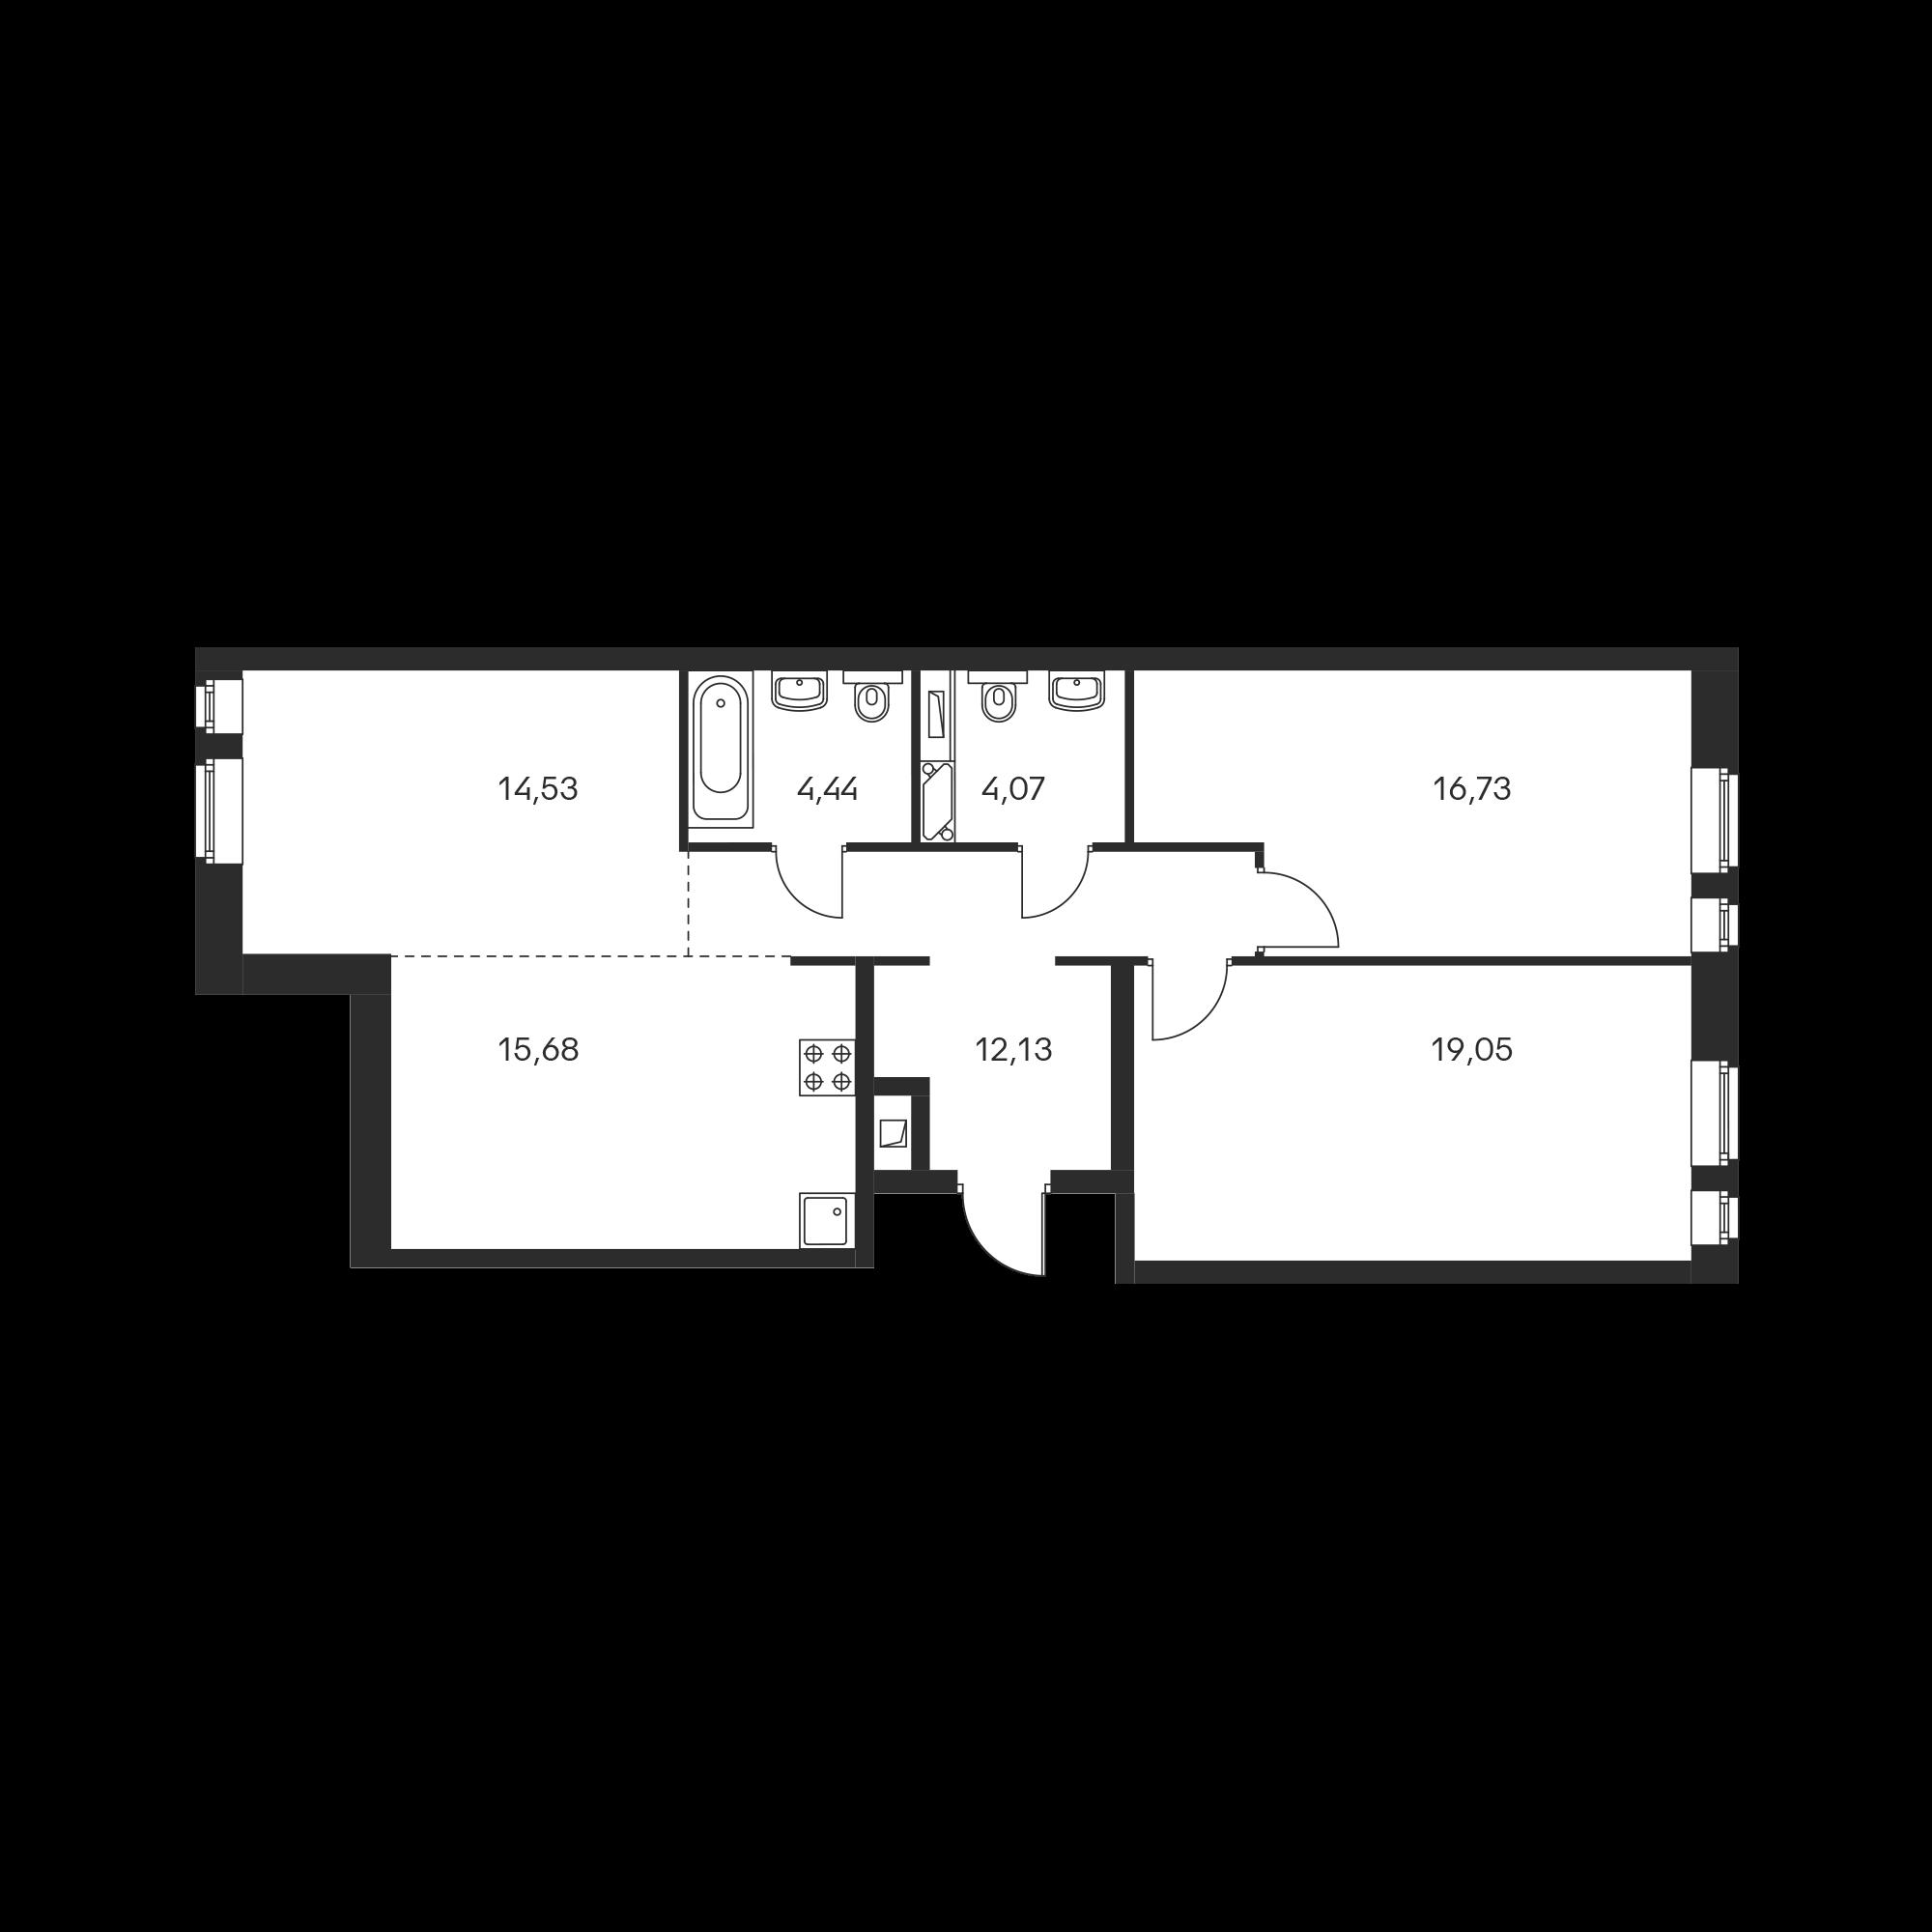 3-комнатная 86.63 м²